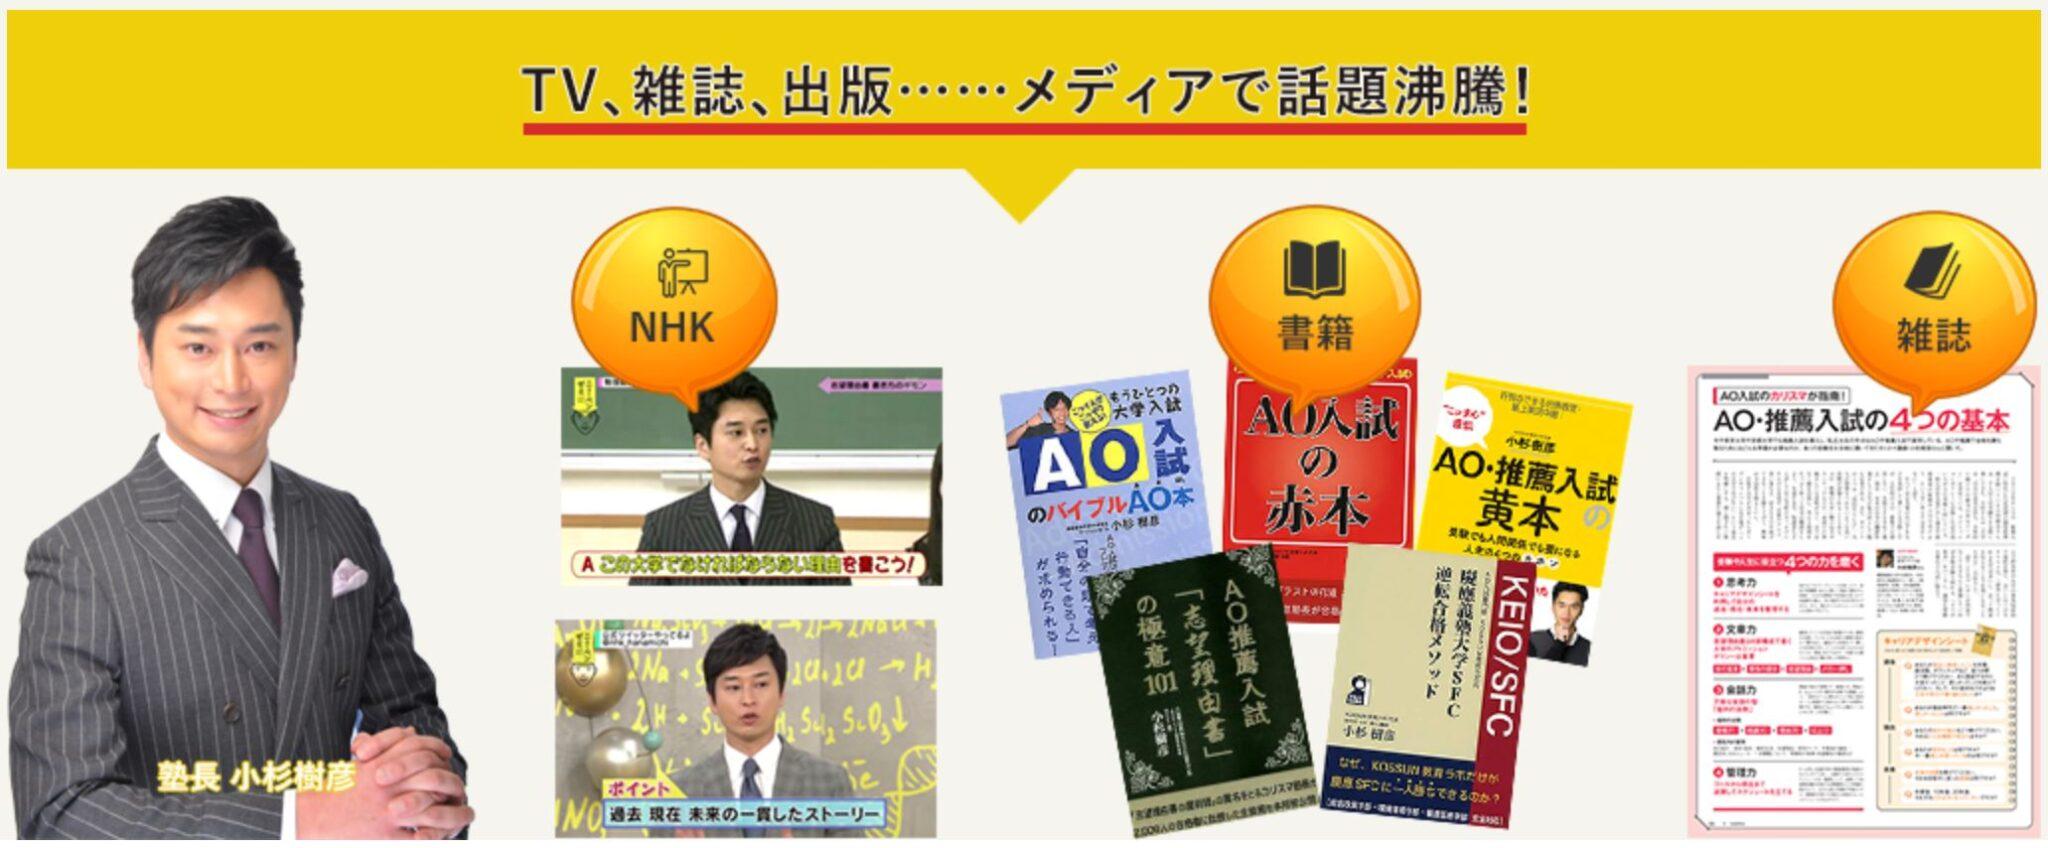 学校推薦・総合型選抜専門塾【KOSKOS】の評判、口コミ、料金まとめ